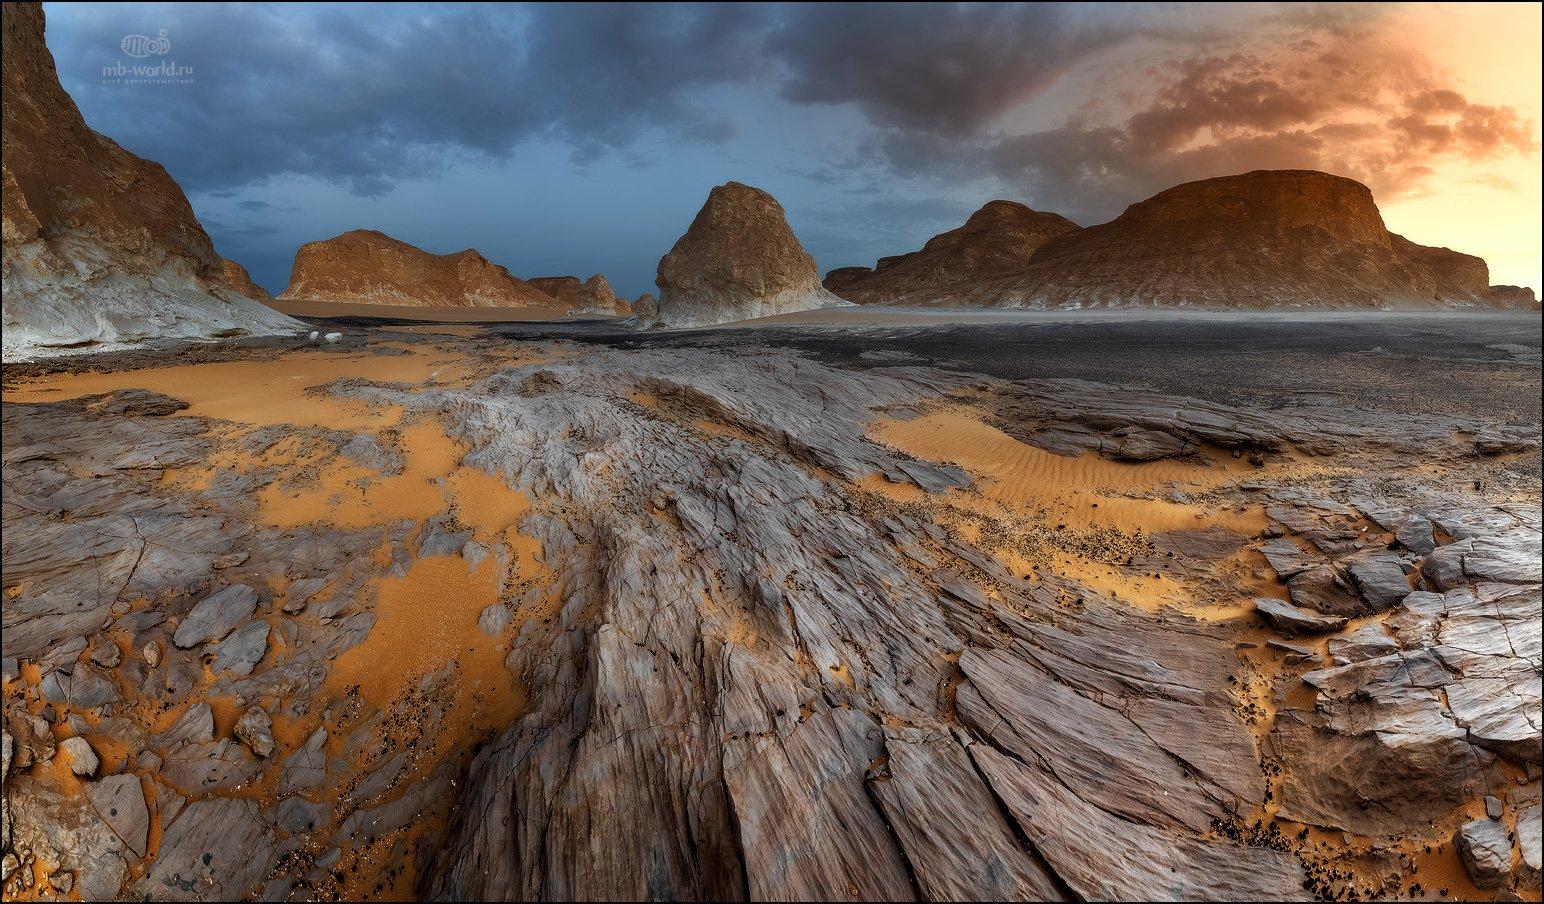 Египет, западная пустыня, белая пустыня, закат, пейзаж, Mikhail vorobyev